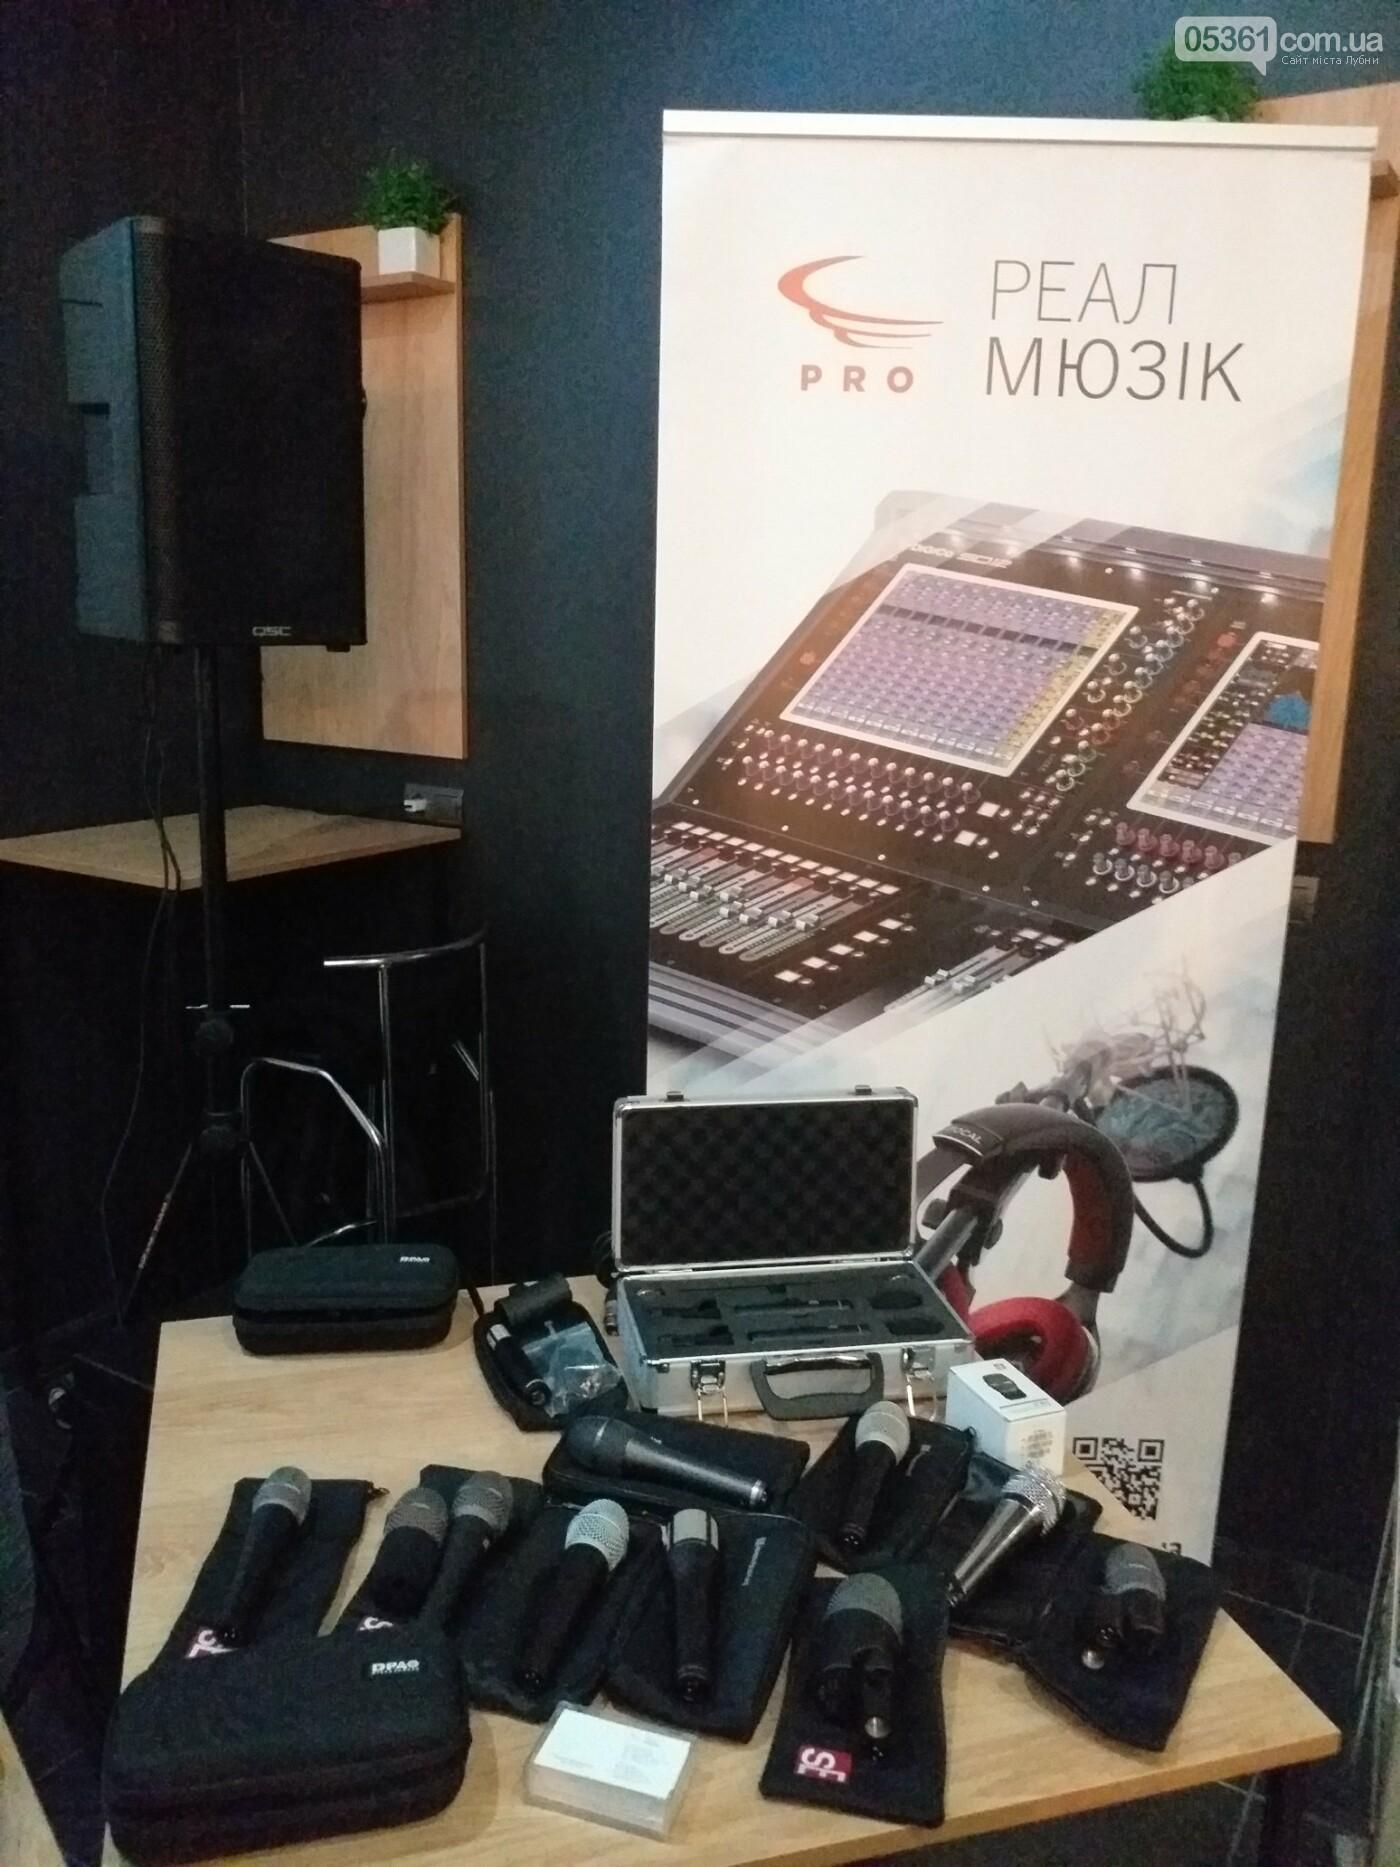 Семінар-презентація музичних технологій в Лубнах, фото-7